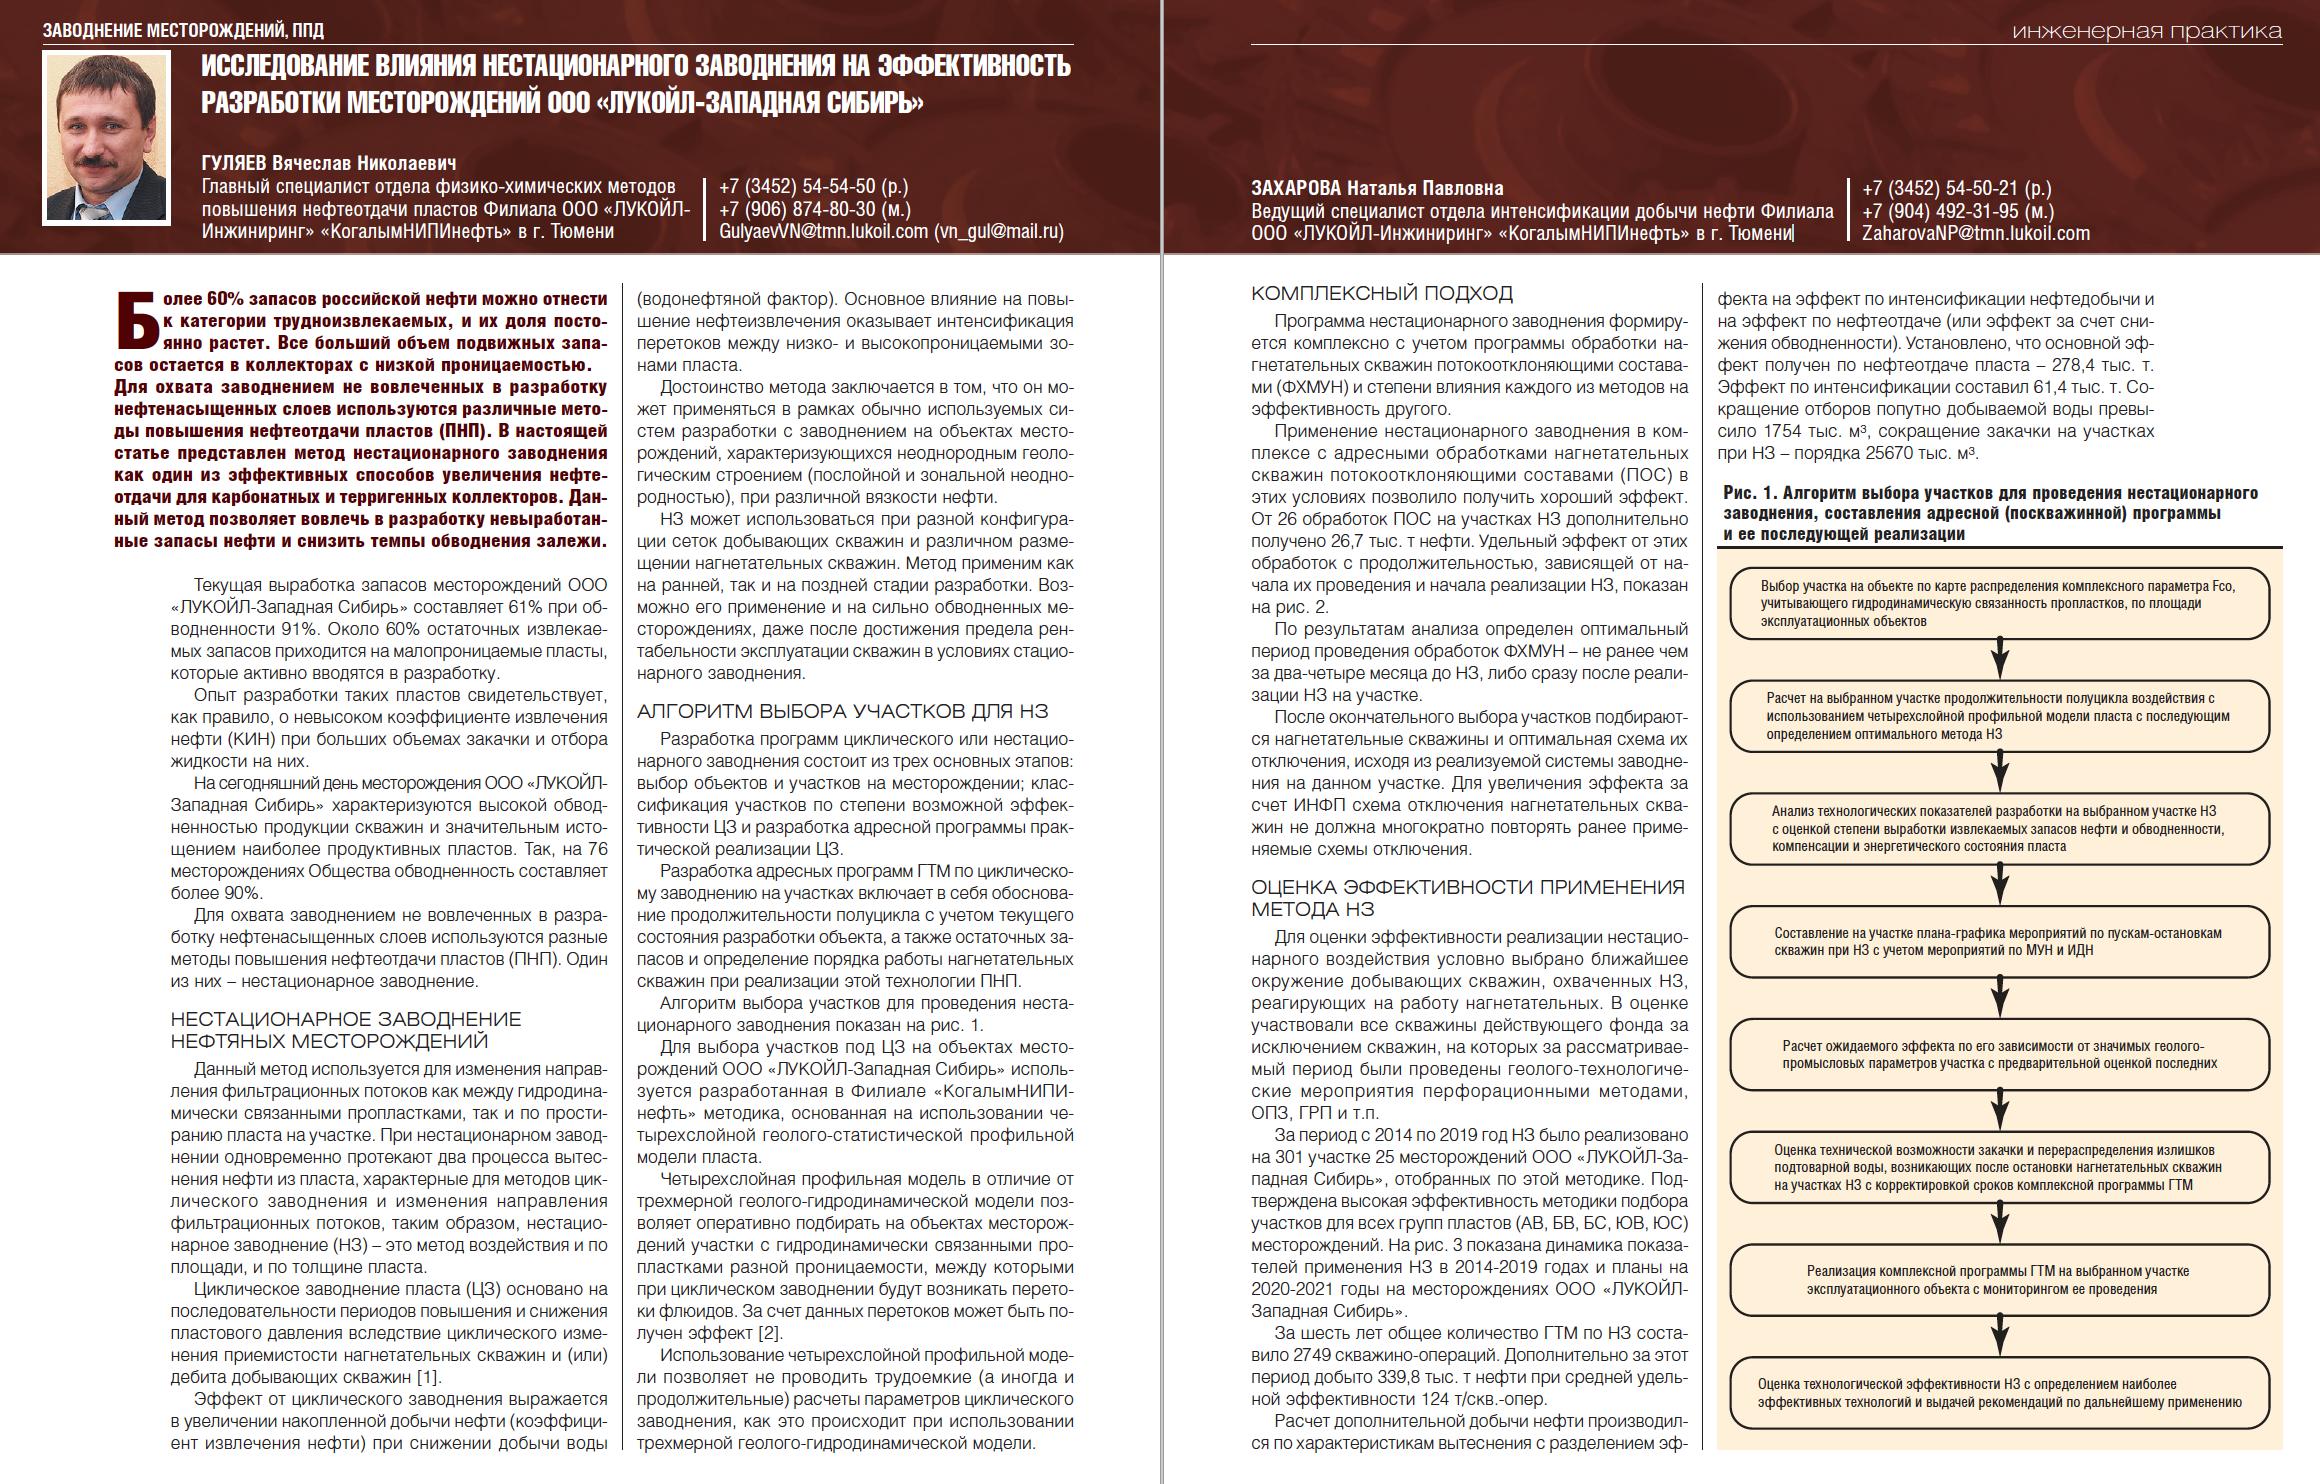 31839 Исследование влияния нестационарного заводнения на эффективность разработки месторождений ООО «ЛУКОЙЛ-Западная Сибирь»